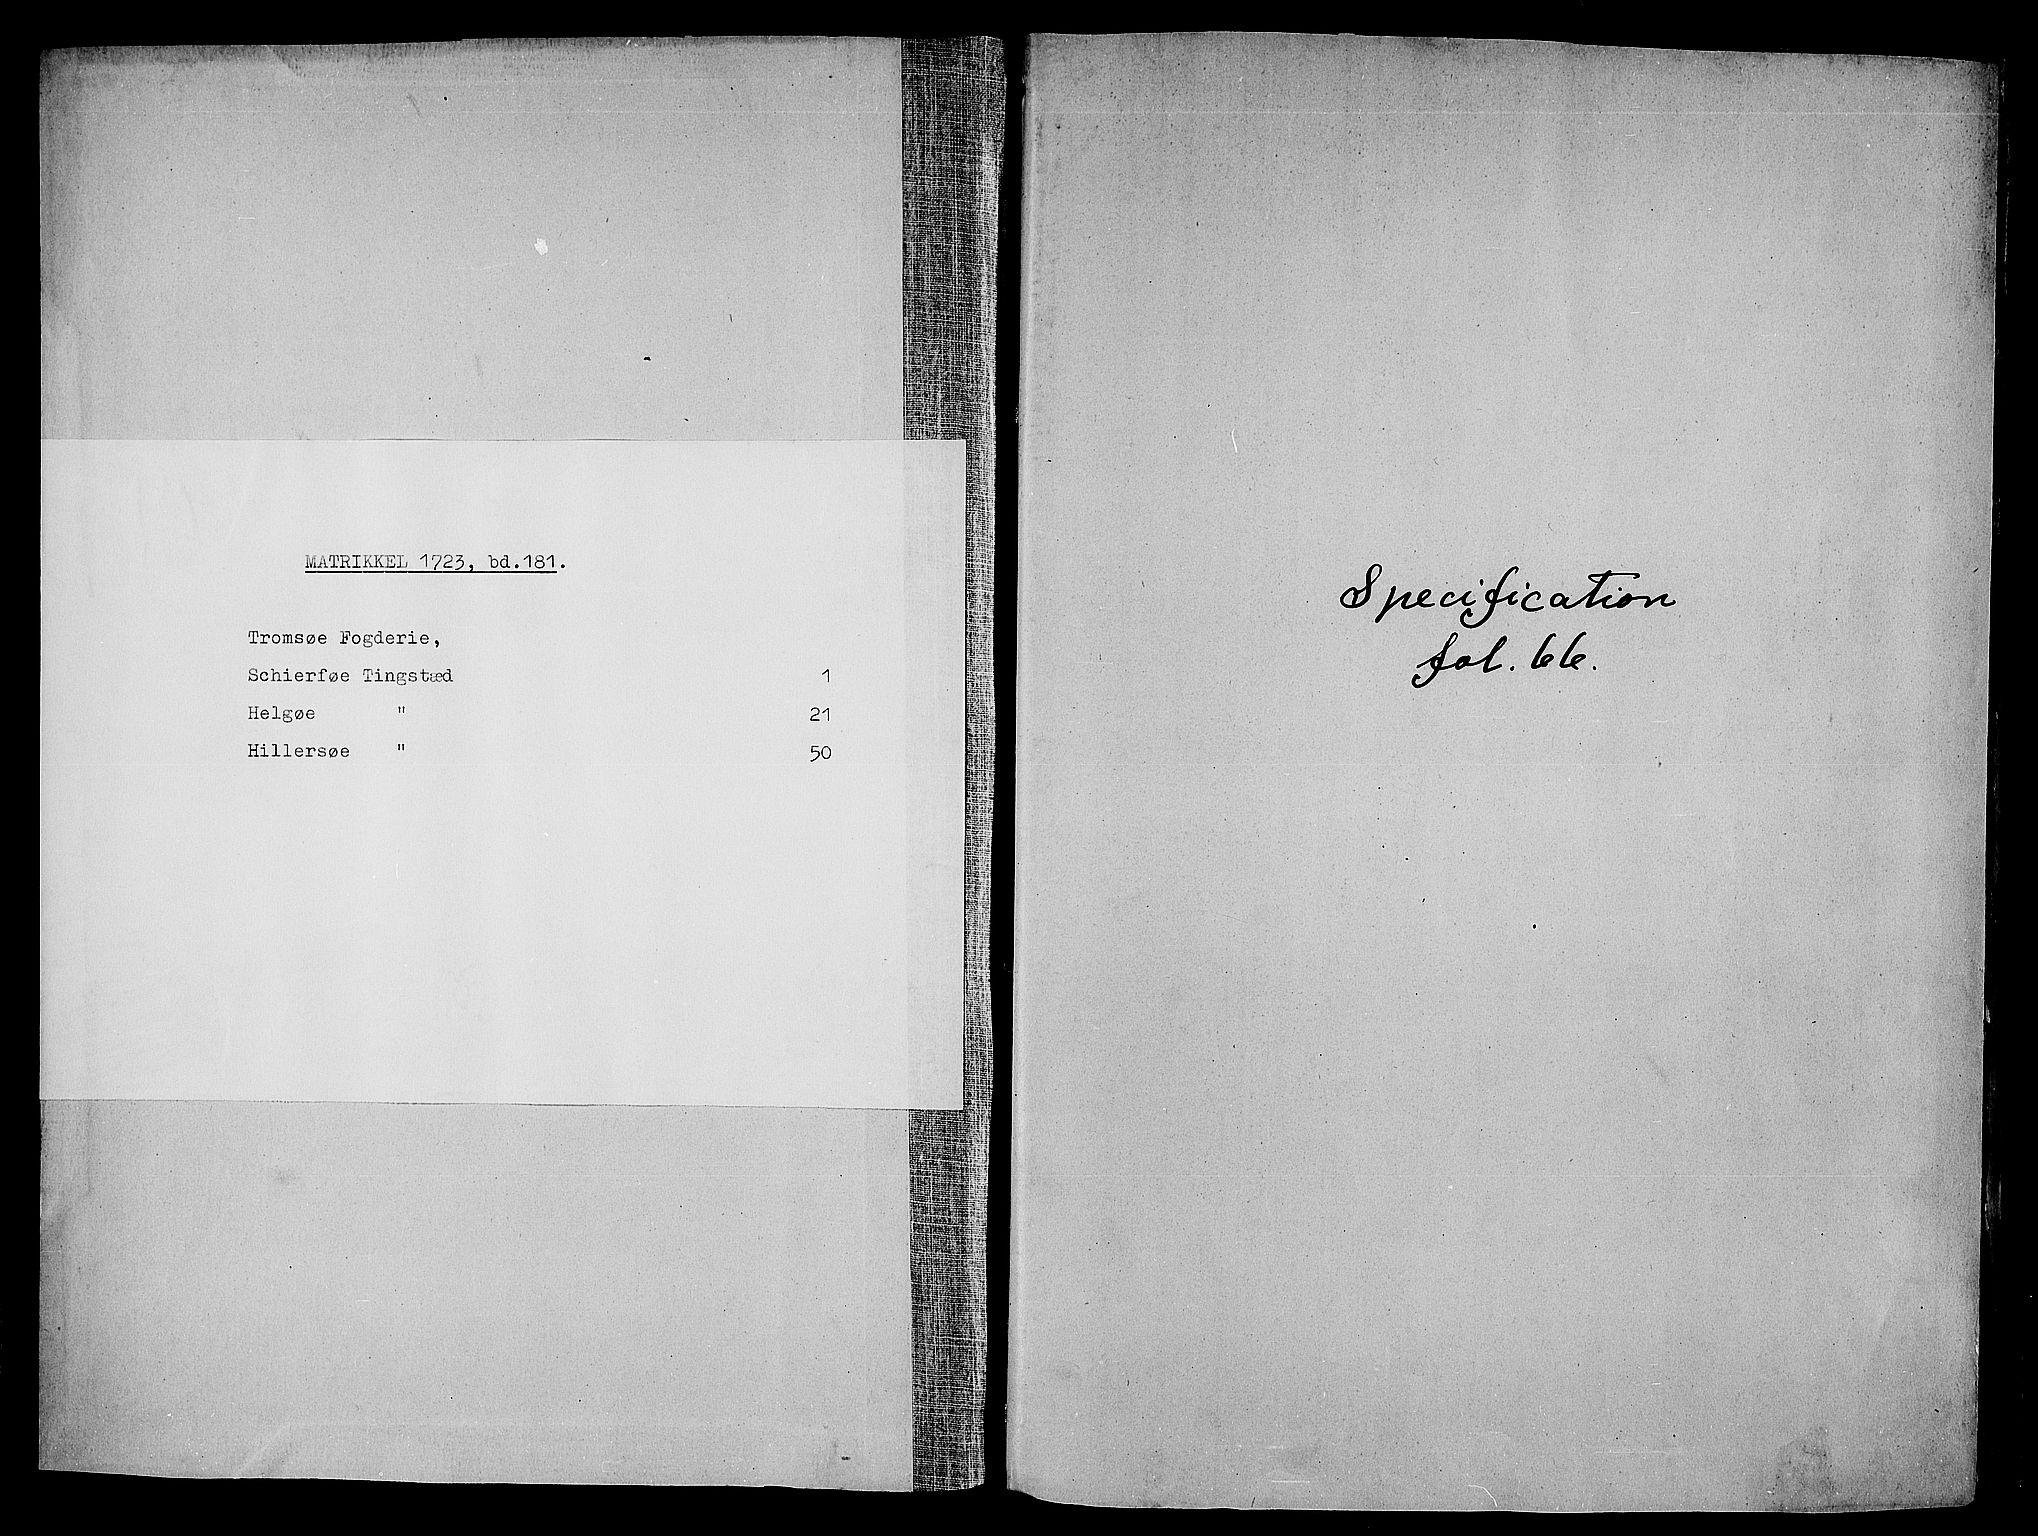 RA, Rentekammeret inntil 1814, Realistisk ordnet avdeling, N/Nb/Nbf/L0181: Troms matrikkelprotokoll, 1723, s. upaginert